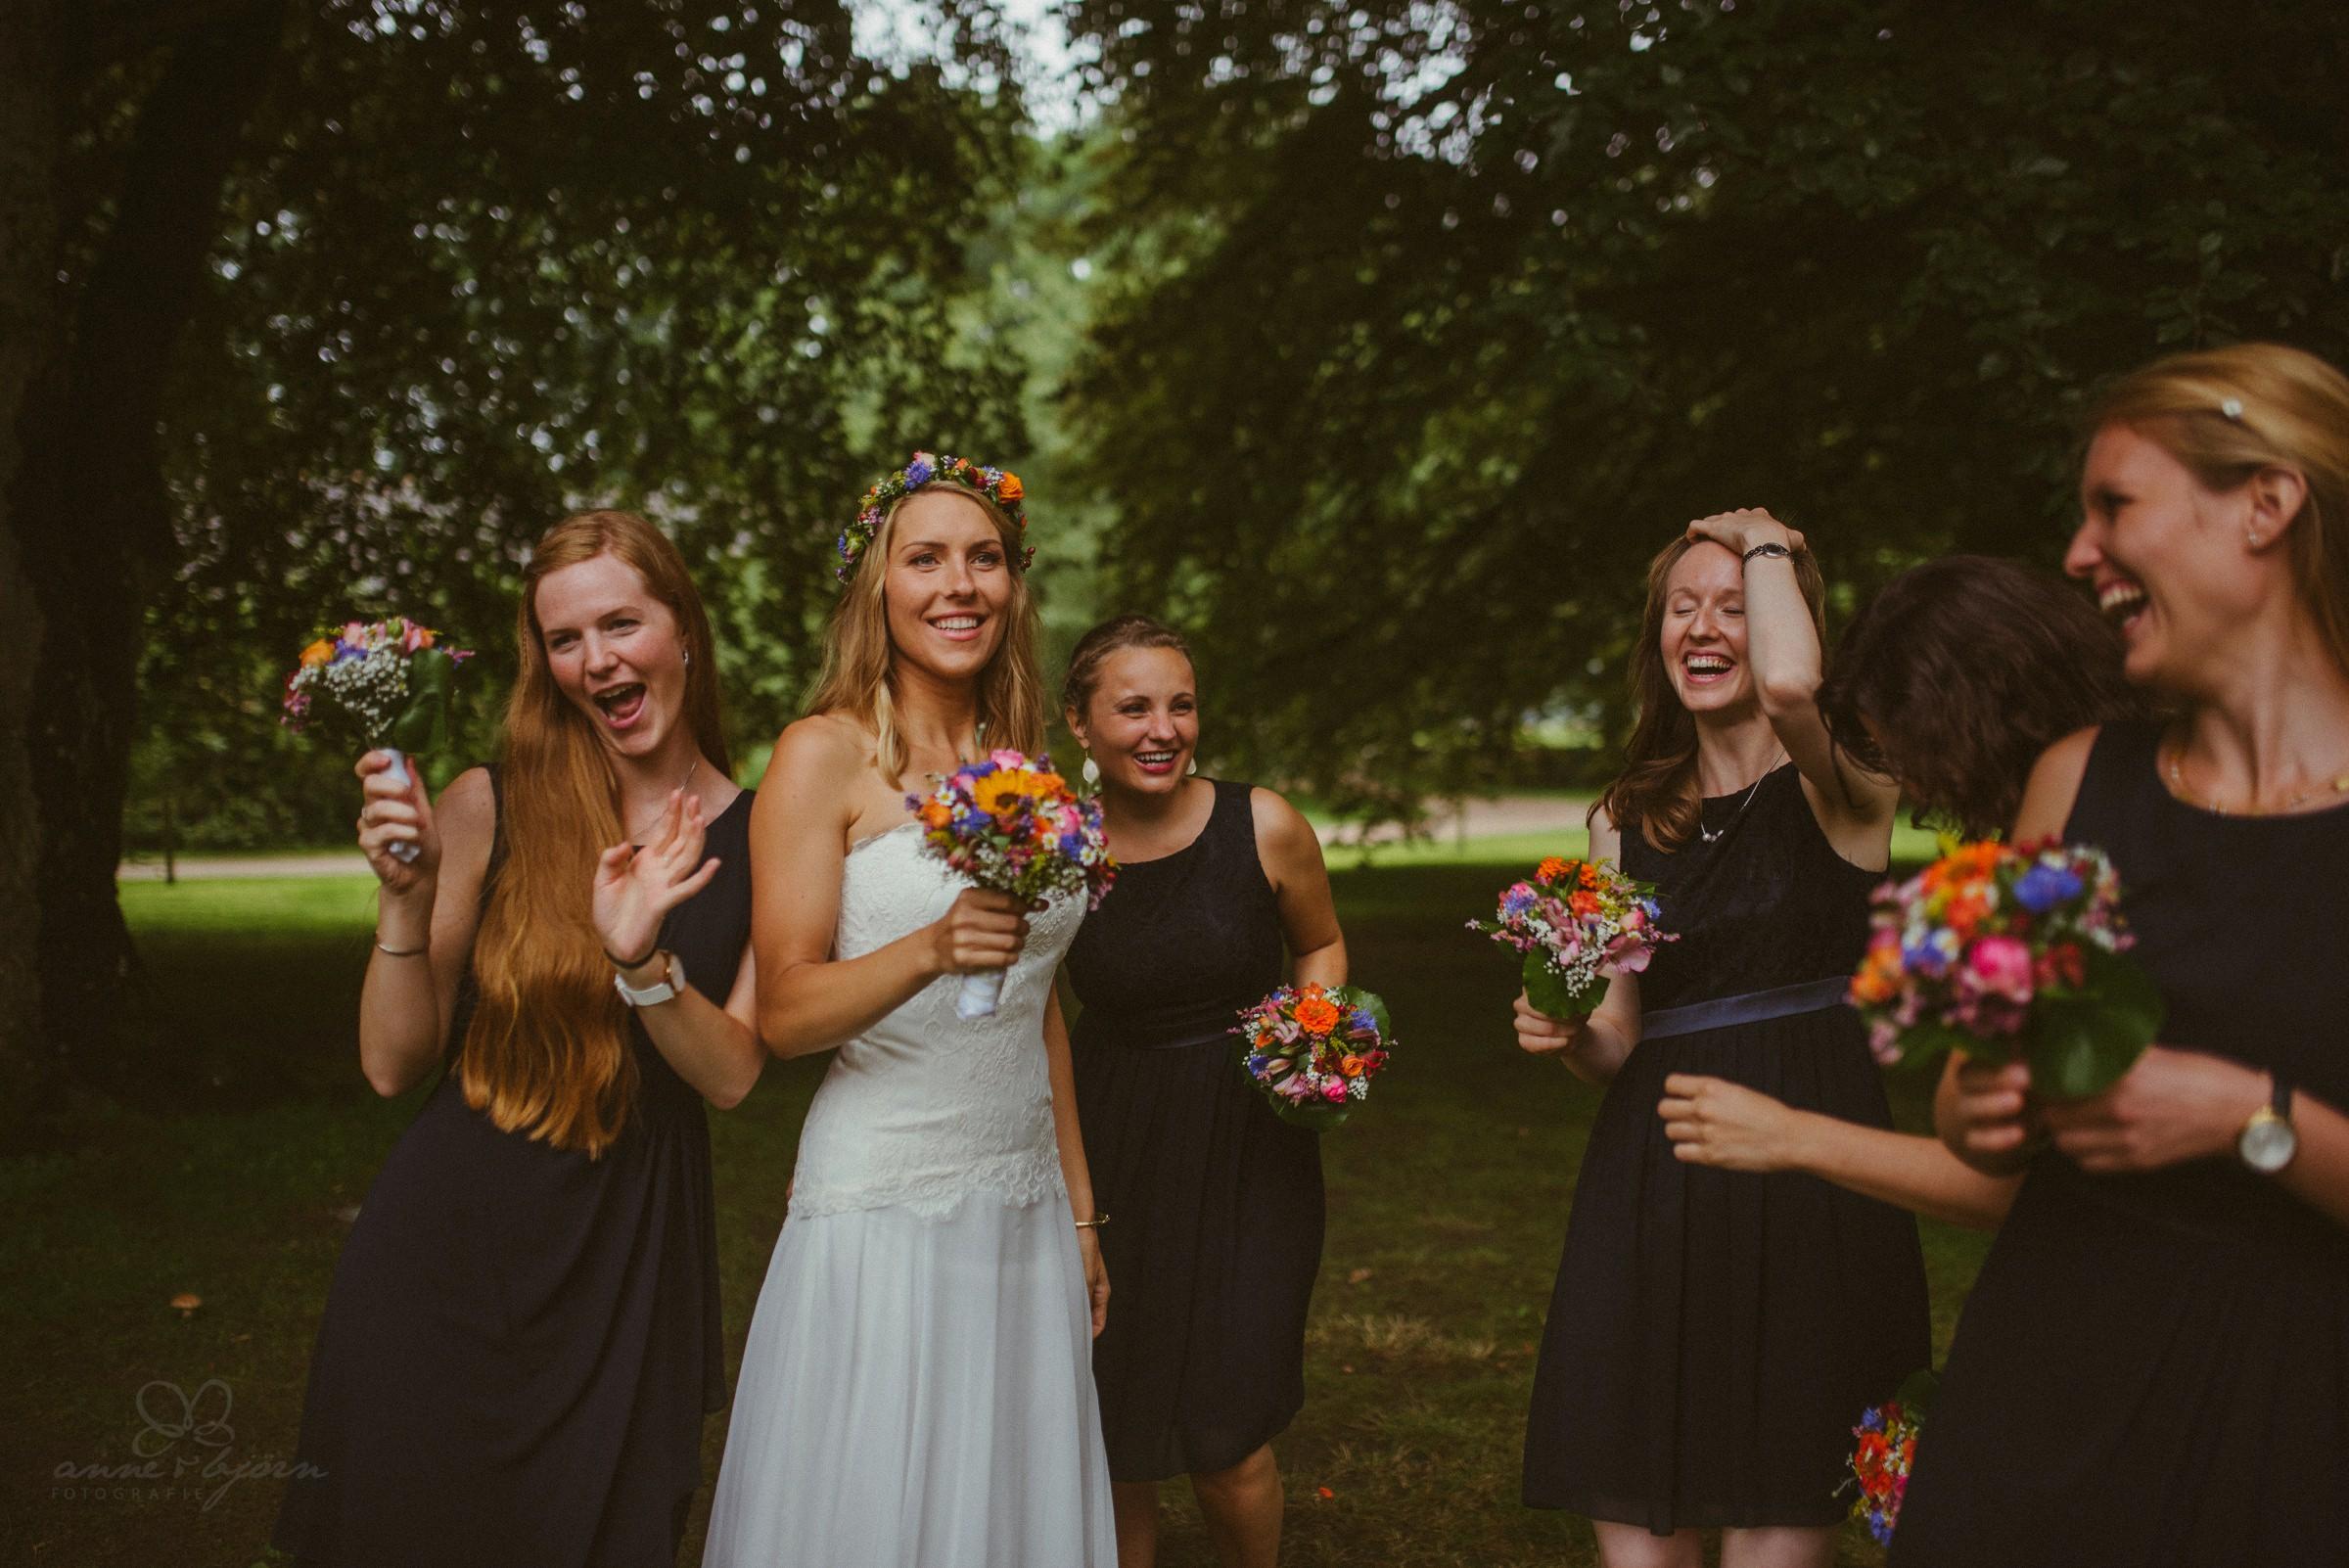 Freude, Hochzeitsfotograf Lüneburg, Heide, Gut Thansen, Blumen, Brautjungfern